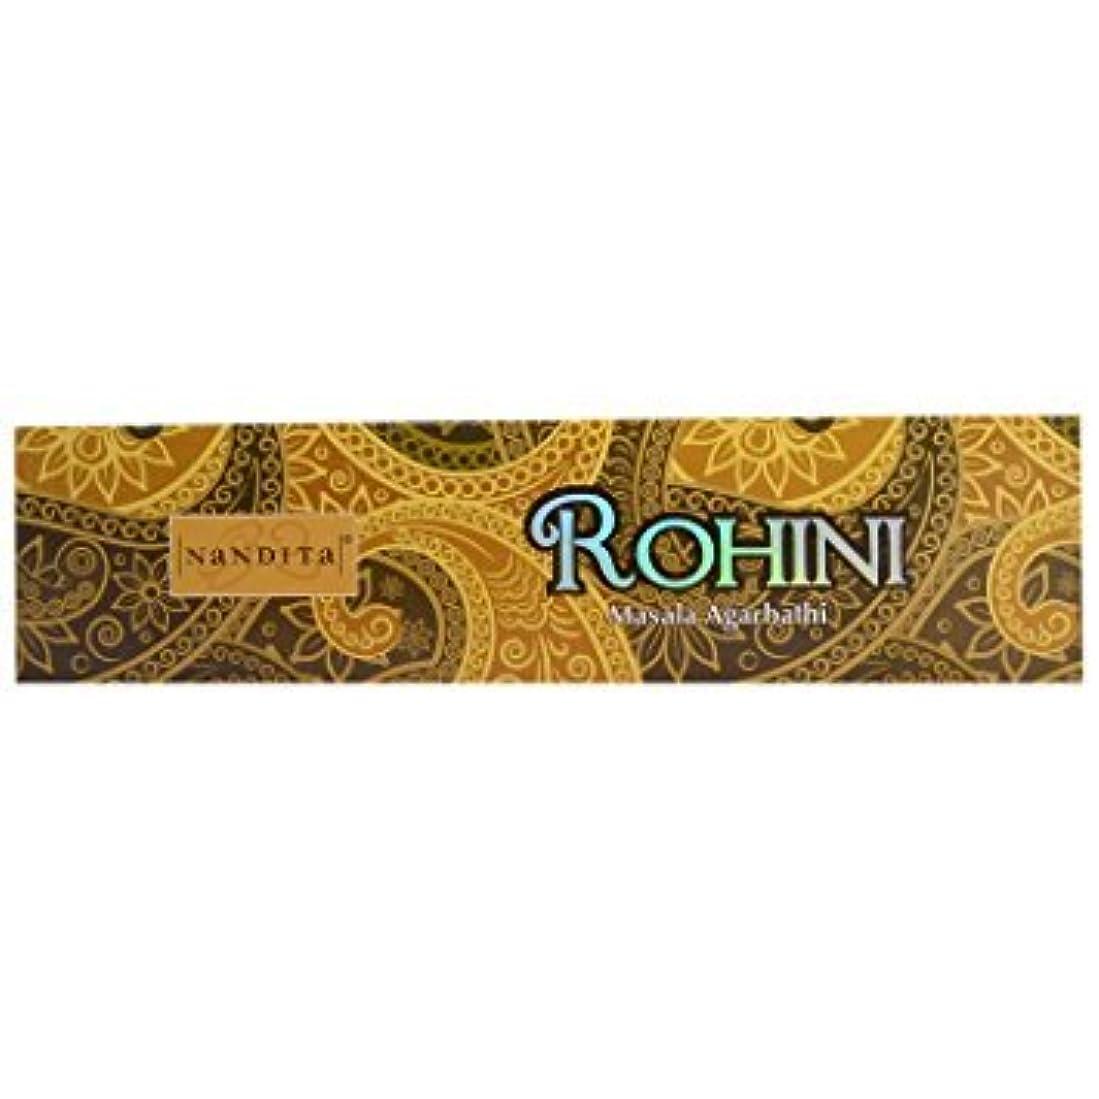 誤ってチャップピクニックをするNandita Rohini Incense Sticks Masala Agarbathi 50 gボックス ブラウン